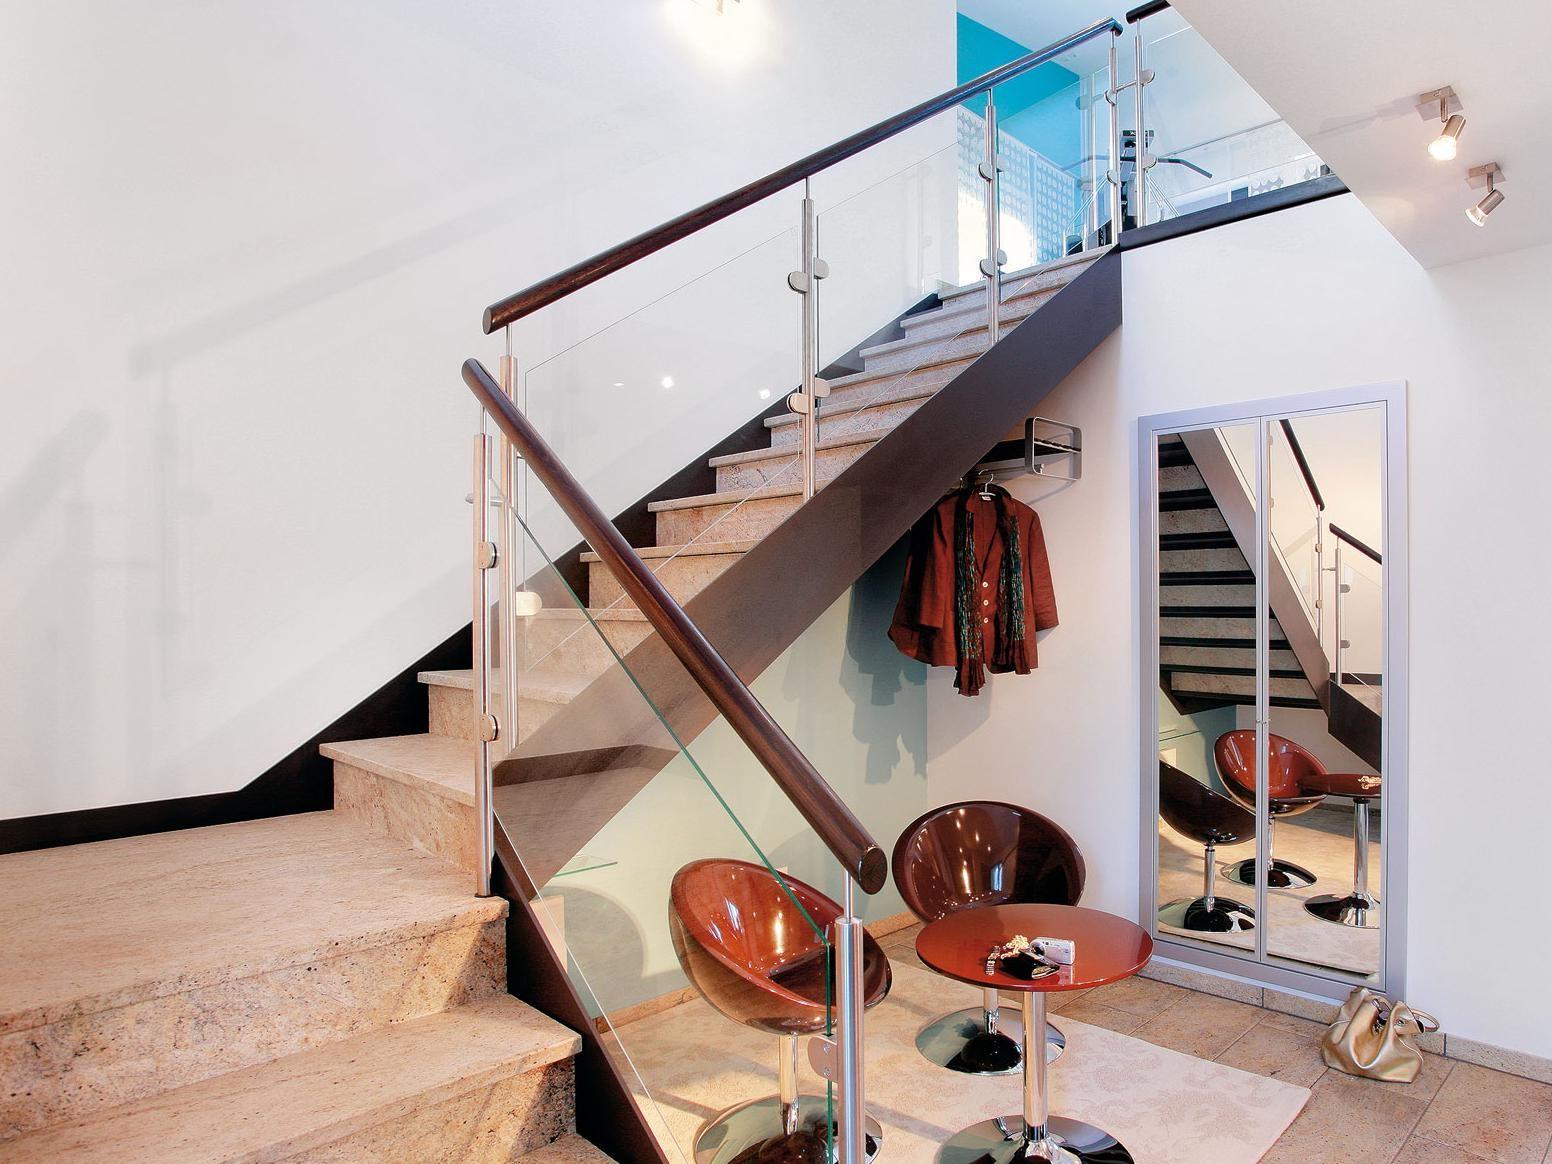 Les escaliers en pierre ou en béton peuvent être traditionnels - pensez aux grandes marches en pierre - ou contemporains sous la forme d'une simplicité de style industriel.